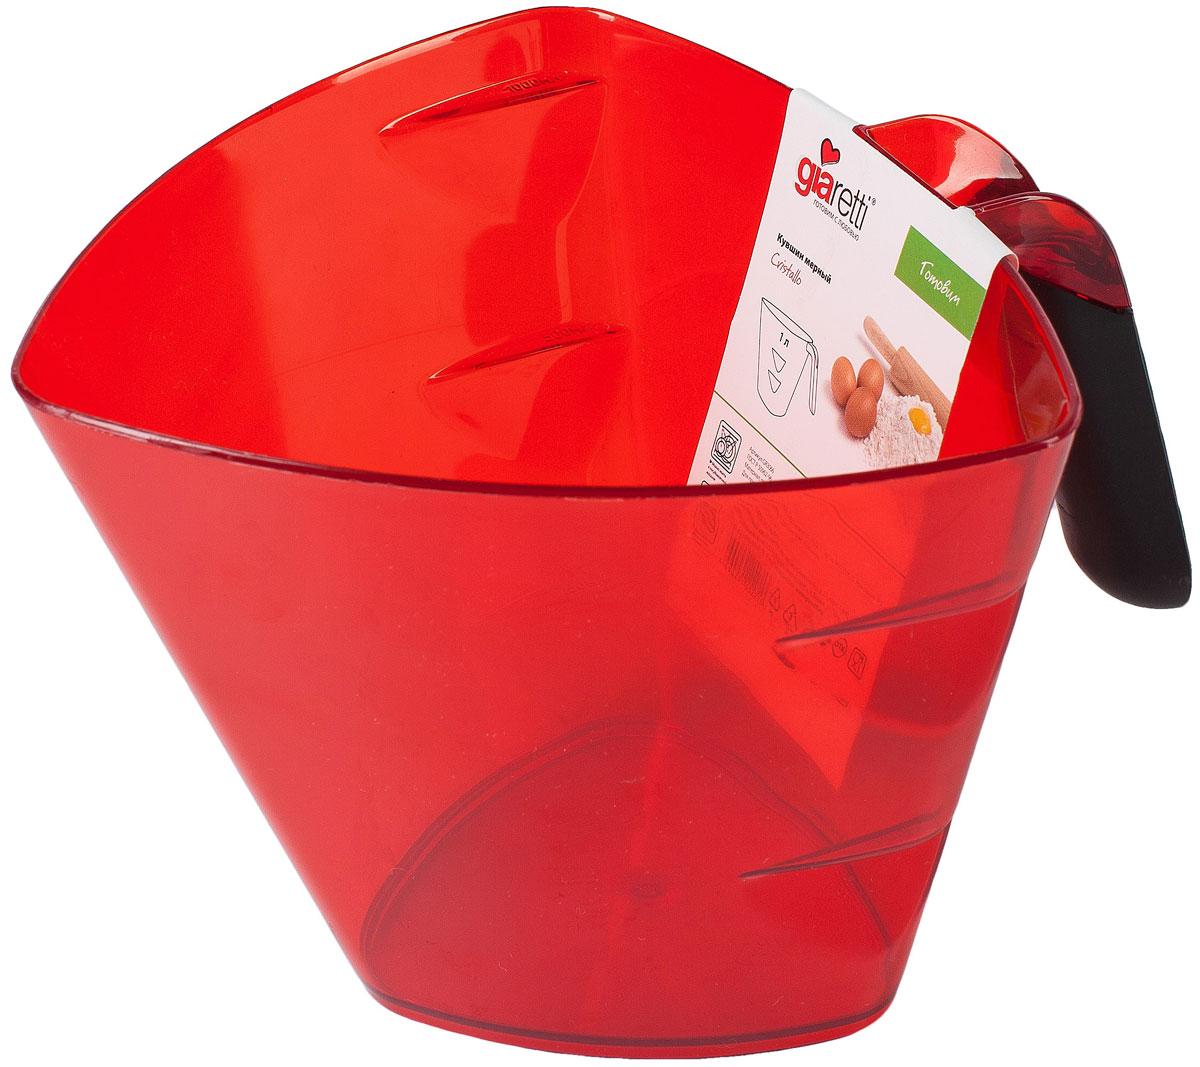 Кувшин мерный Giaretti Cristallo, цвет: красный, 1 лGR3066МИКСМерный кувшин Giaretti Cristallo, изготовленный из высококачественного пластика, вдохновляет на кулинарные победы своим ярким цветом и привлекательным дизайном. На внутренние стенки кувшина нанесена мерная шкала. Кувшин оснащен носиком для удобного слива, а также эргономичной ручкой с противоскользящей вставкой. Такой мерный кувшин придется по душе каждой хозяйке и станет незаменимым аксессуаром на кухне.